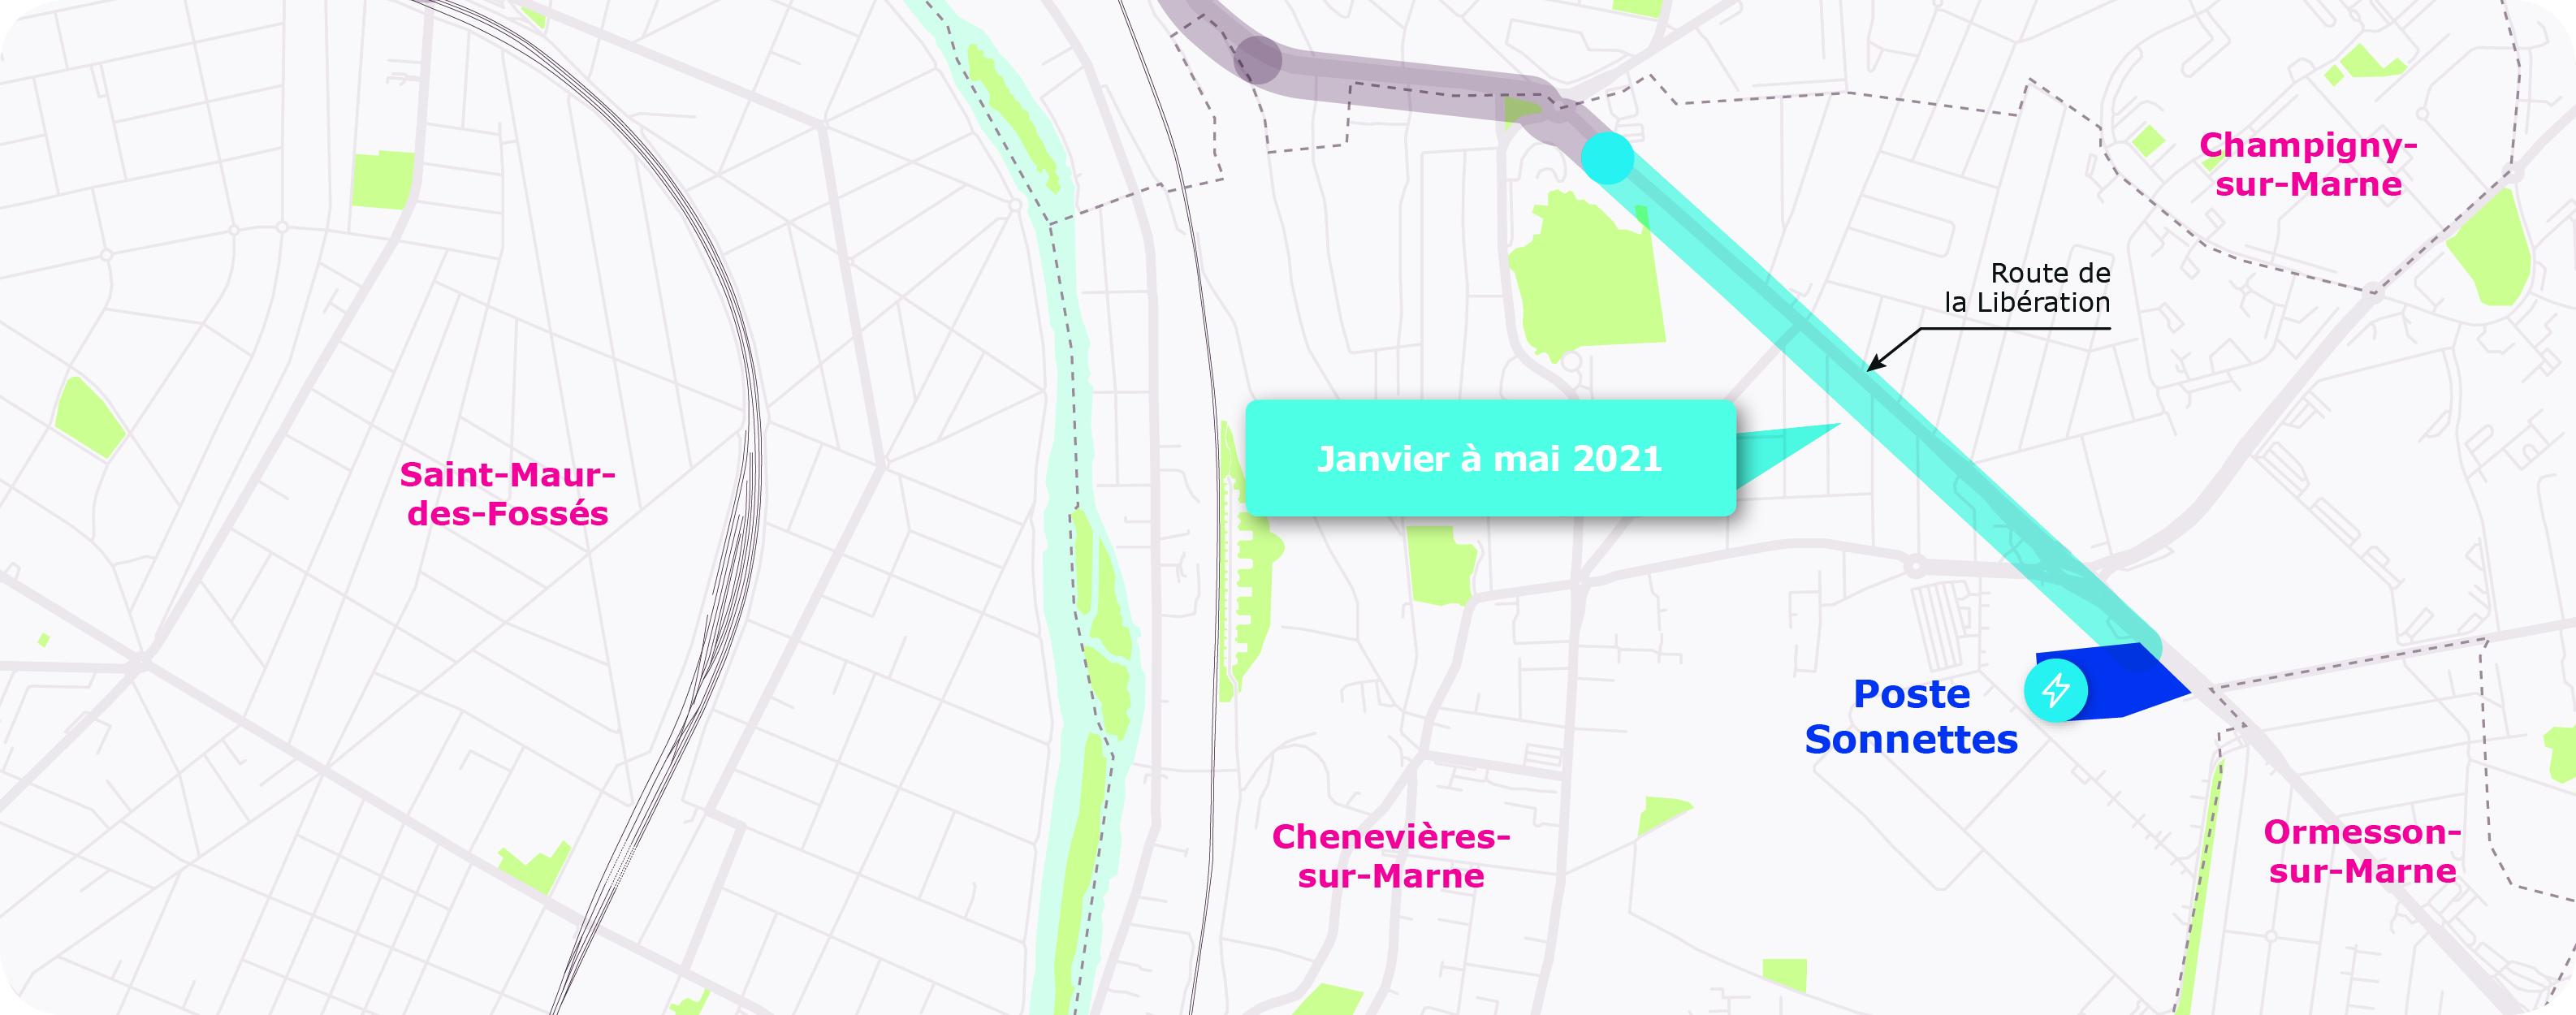 Saint-Maur étape 2